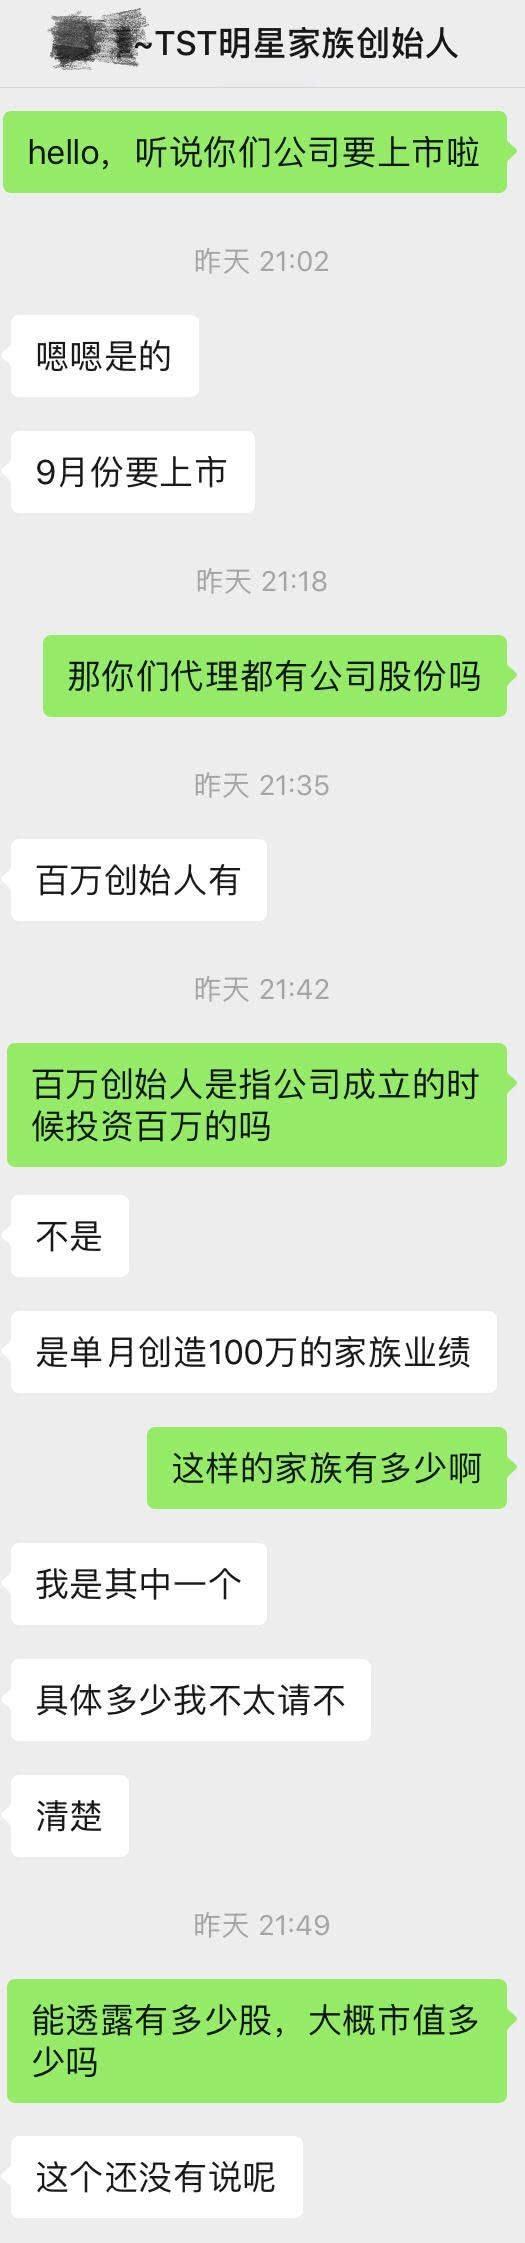 范冰冰、赵薇站台,曾涉嫌烂脸、传销…年纳税21亿的微商又要上市了